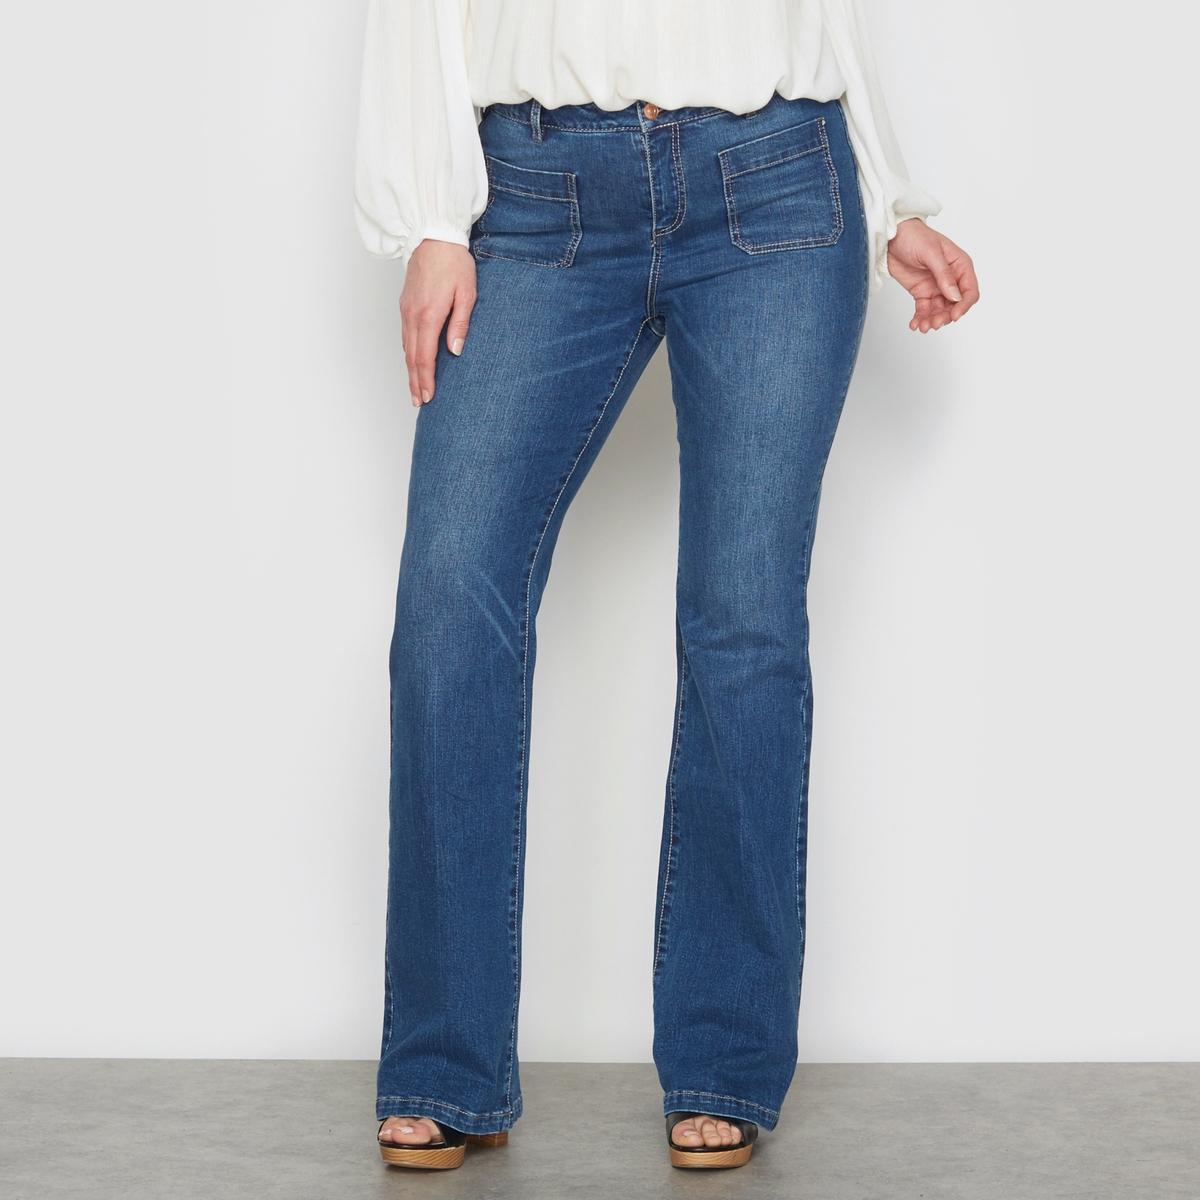 Джинсы клеш из денима стретчДжинсы клеш. Ультра-женственная модель. Прямой покрой до колена, от колена расклешенные. 2 накладных кармана спереди и сзади. Застежка на молнию и болт. Пояс со шлевками. Деним, 99% хлопка, 1% эластана. Длина по внутр.шву 84 см. Ширина по низу: 27 см.<br><br>Цвет: синий с потертостями<br>Размер: 44 (FR) - 50 (RUS).42 (FR) - 48 (RUS)